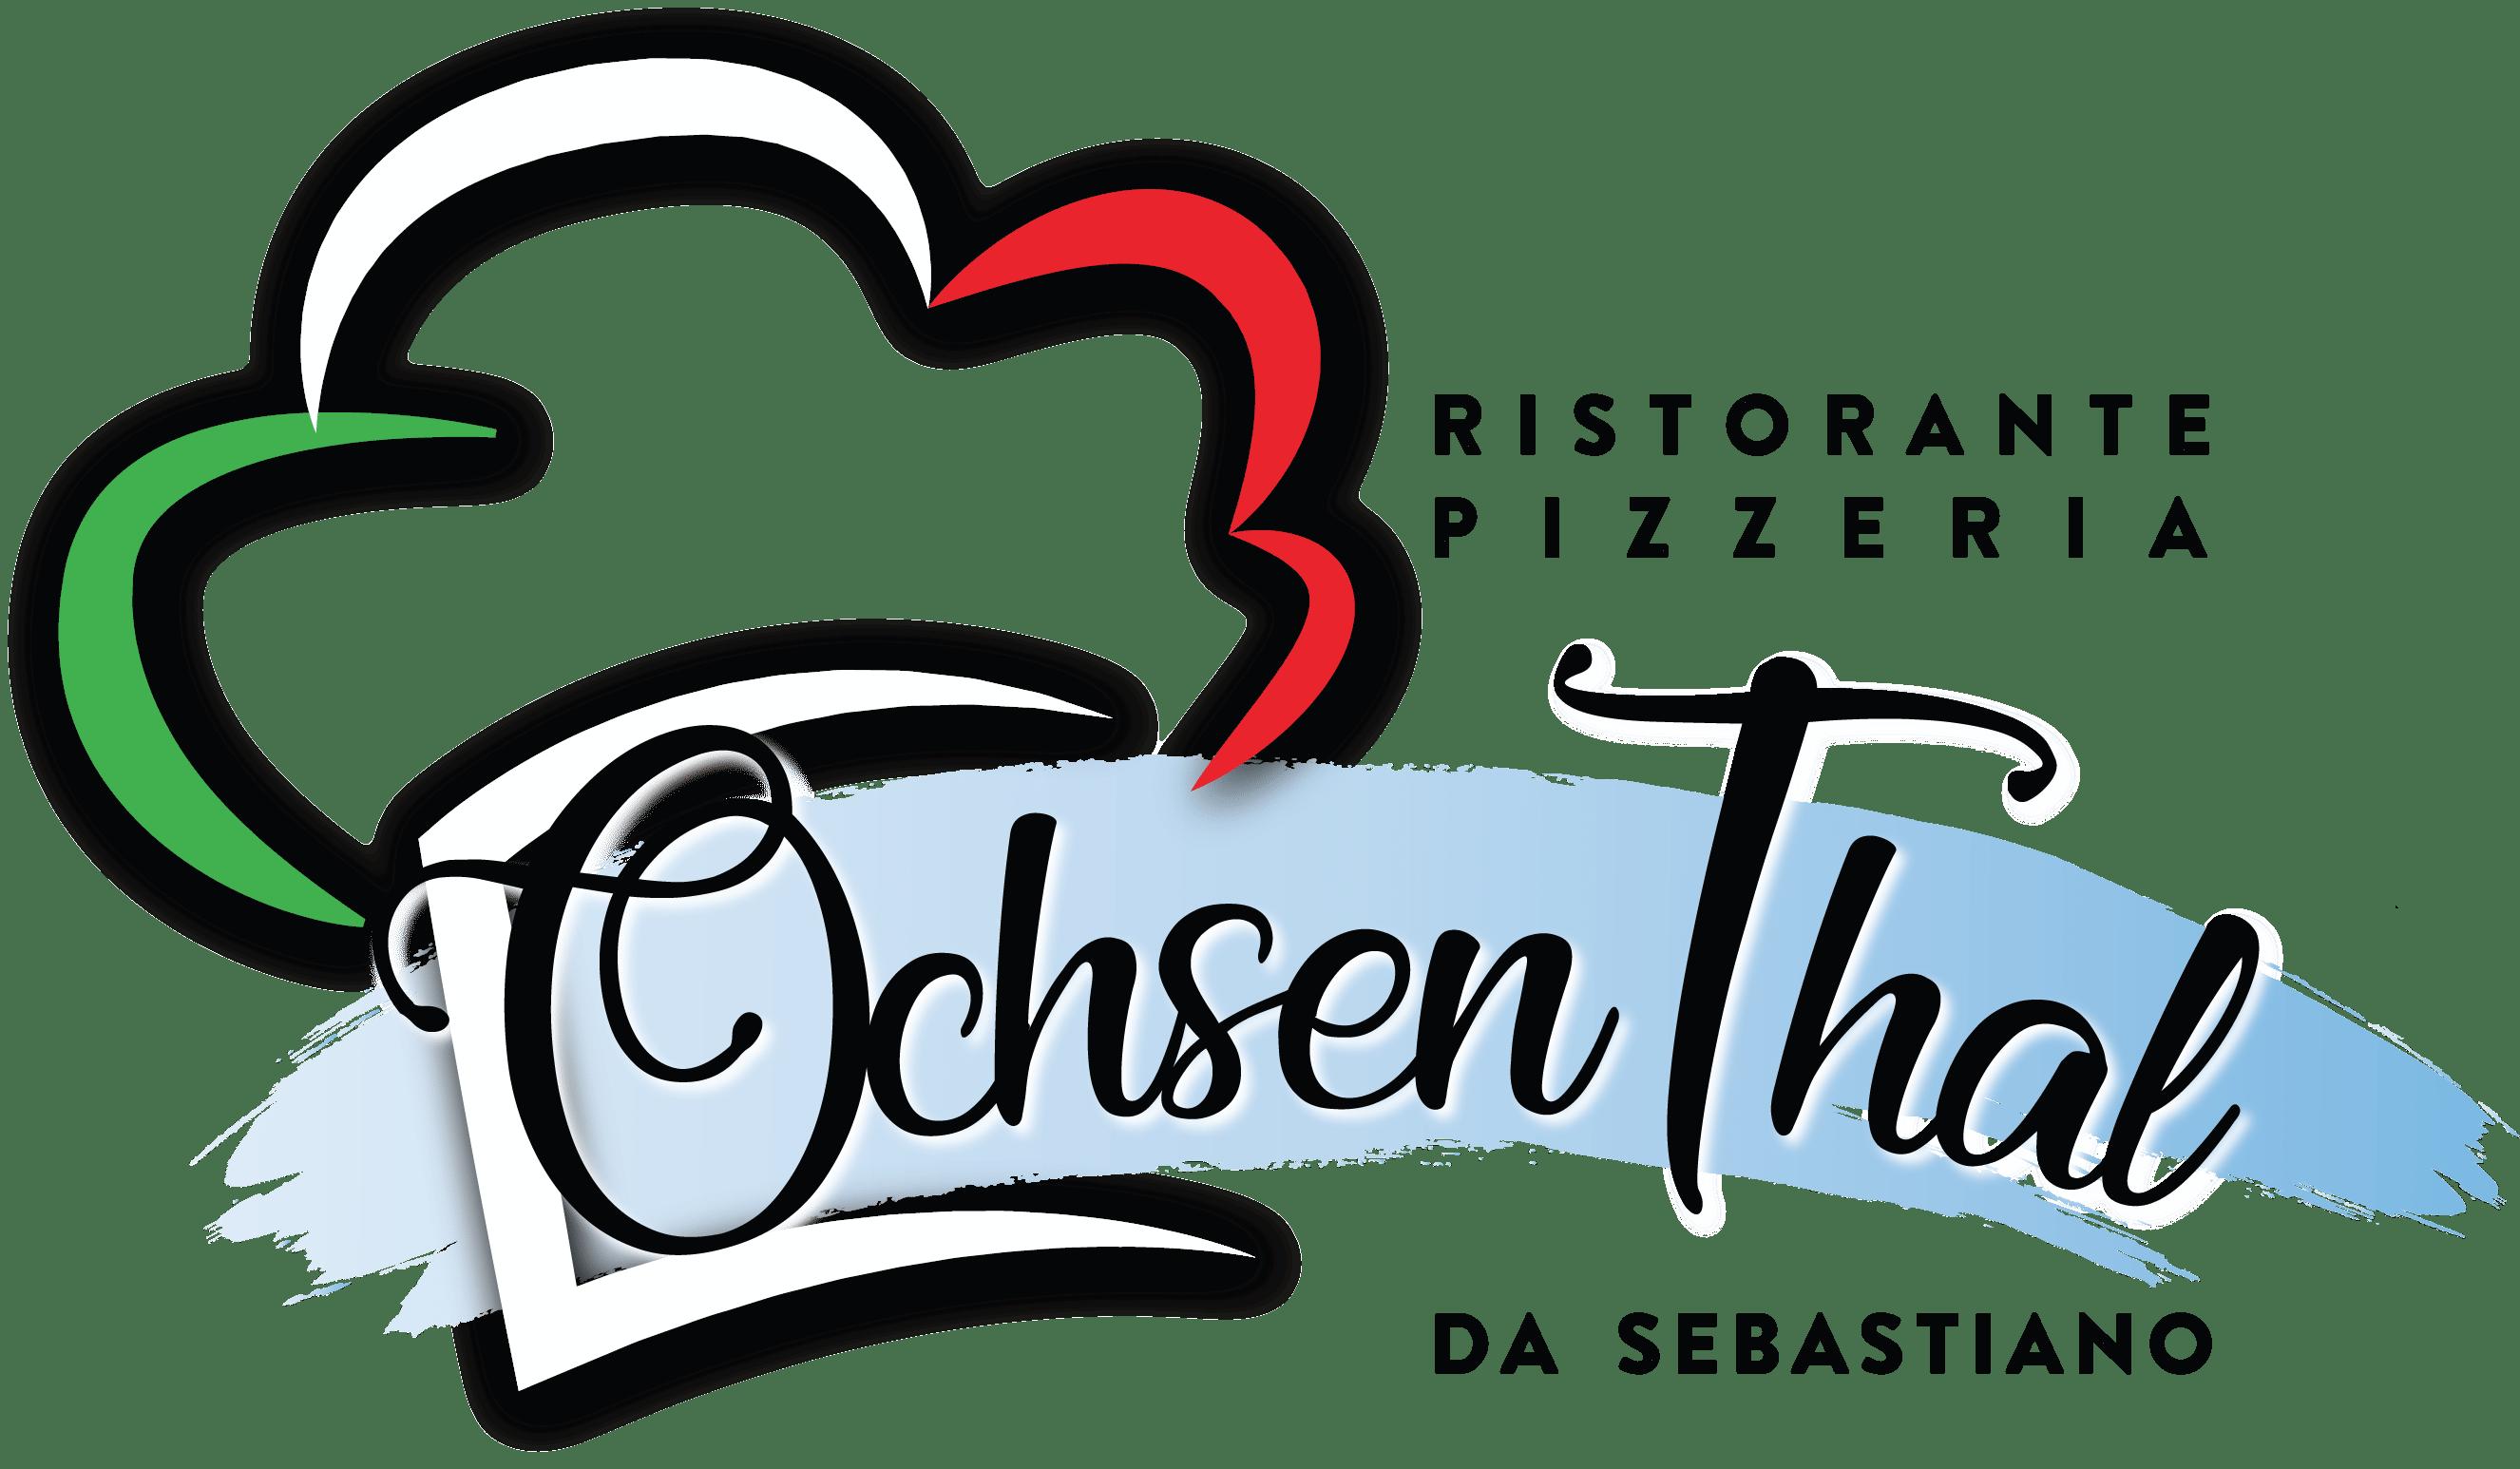 OchsenThal_Logo_Outiline_W